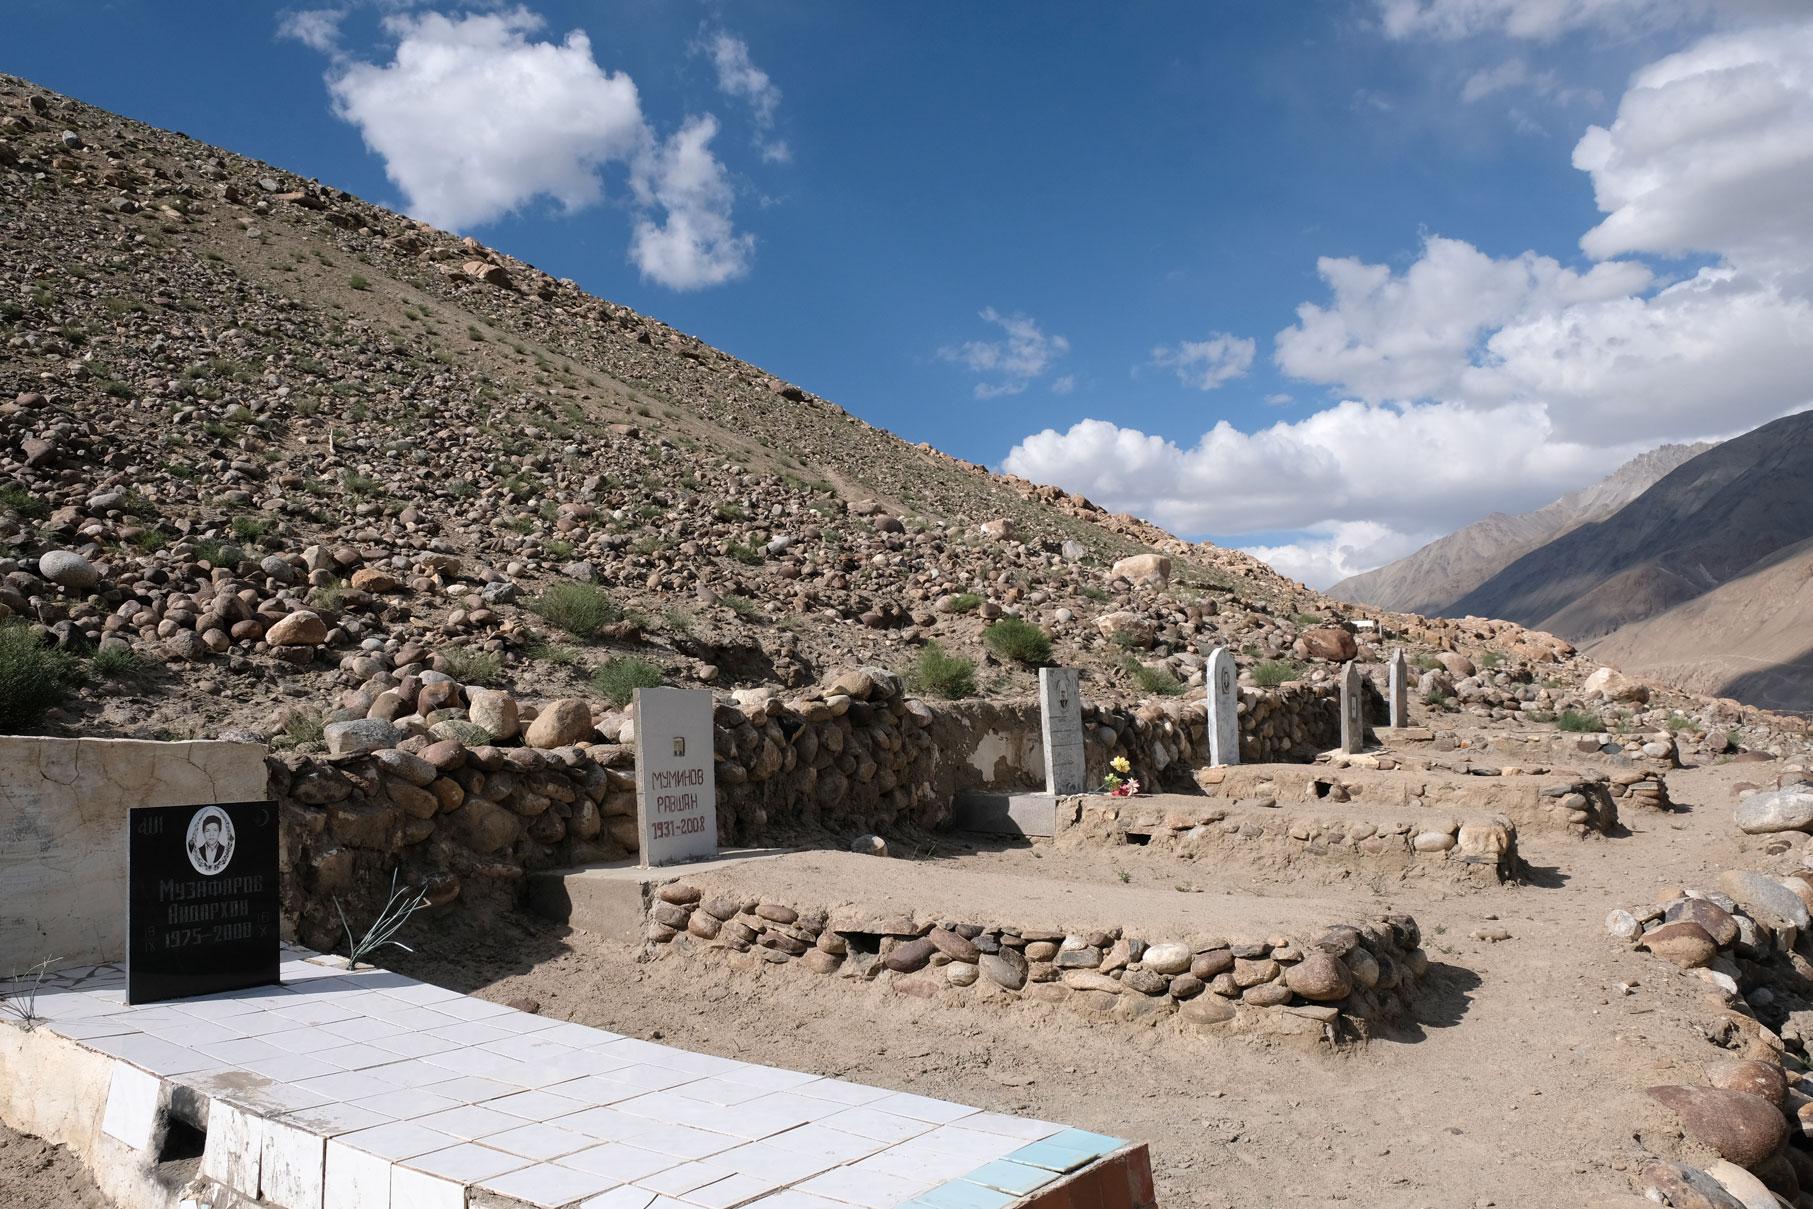 Auf dem Weg dorthin kommen wir an einem auf dem Berg gelegenen Friedhof vorbei